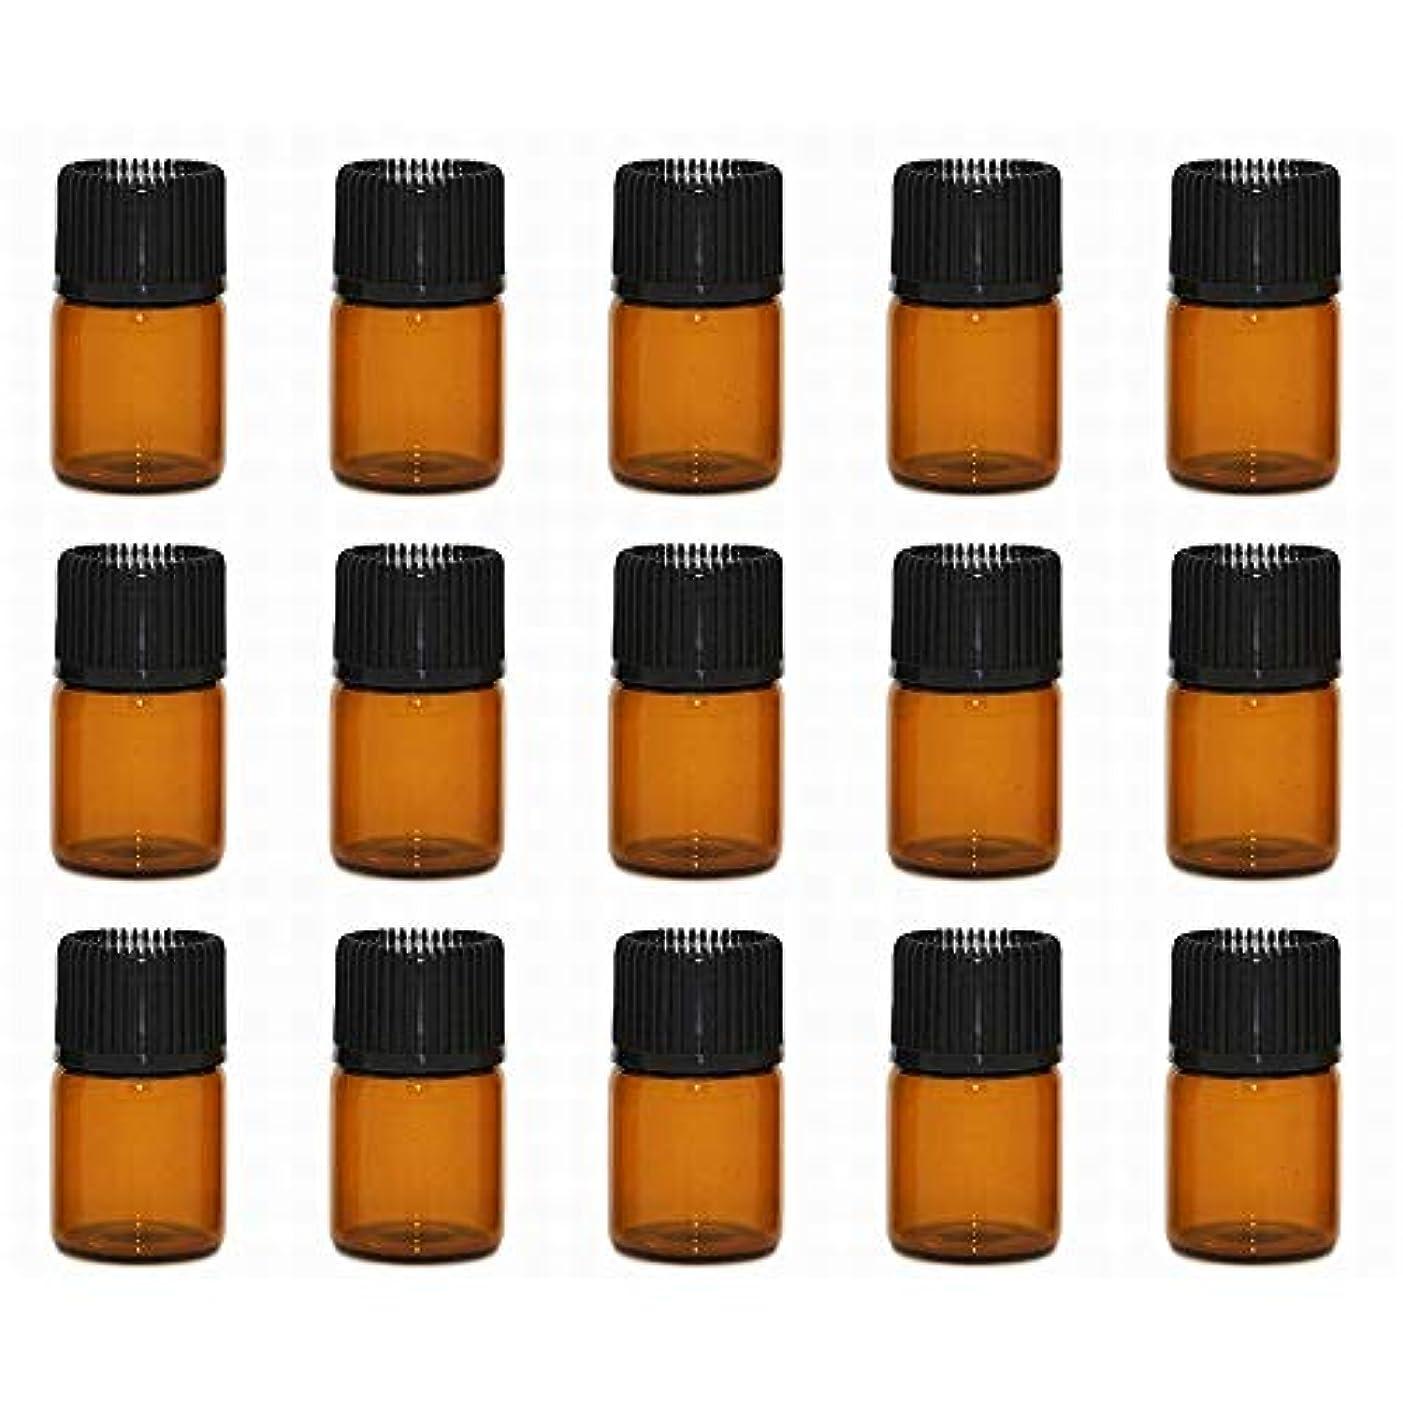 冬減衰同志アロマオイル 精油 小分け用 遮光瓶 セット (1ml 20本 セット)